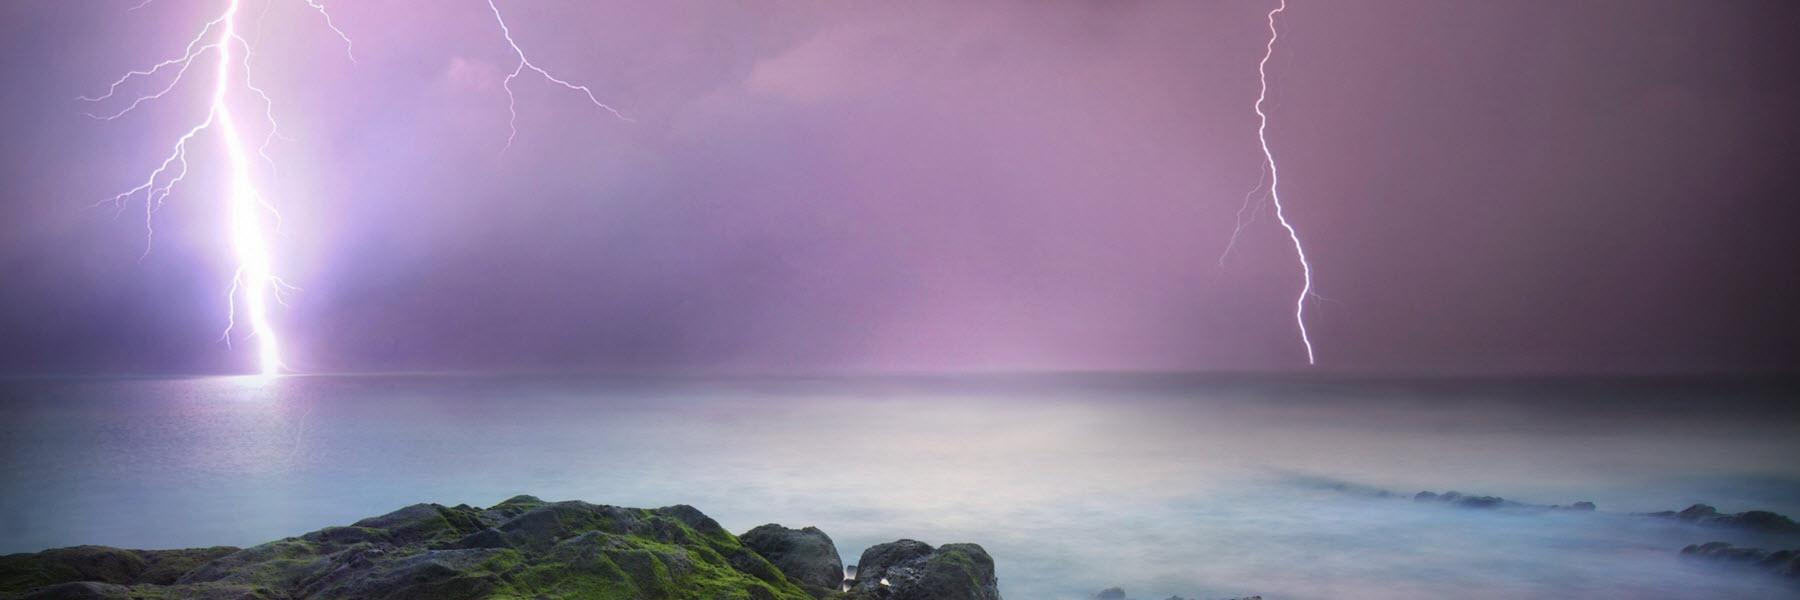 stormy-sea-w.jpg